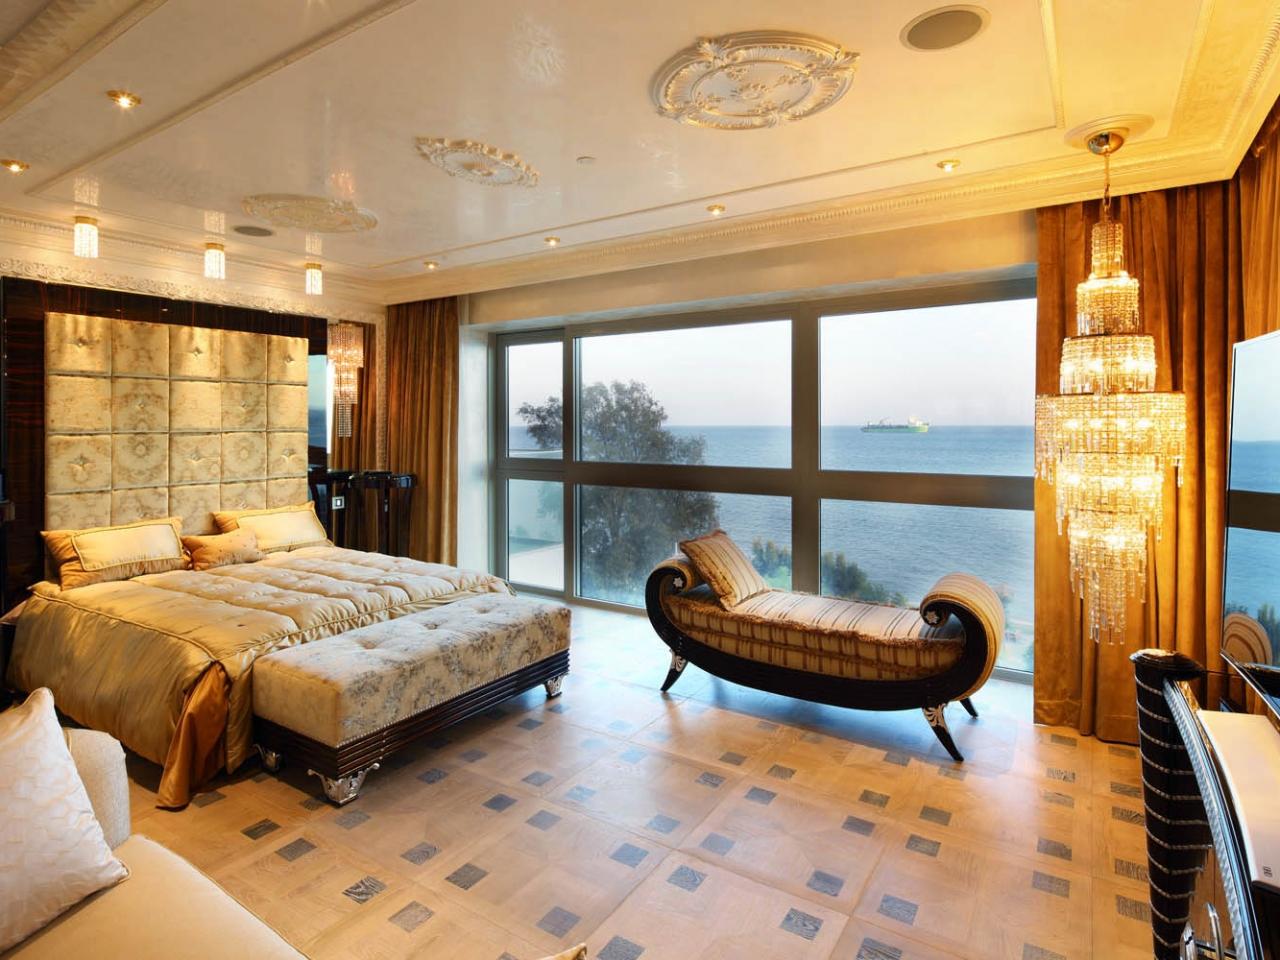 Недвижимость на Продажу: Апартаменты (Квартира), Неаполи, Лимассол | Key Realtor Кипр